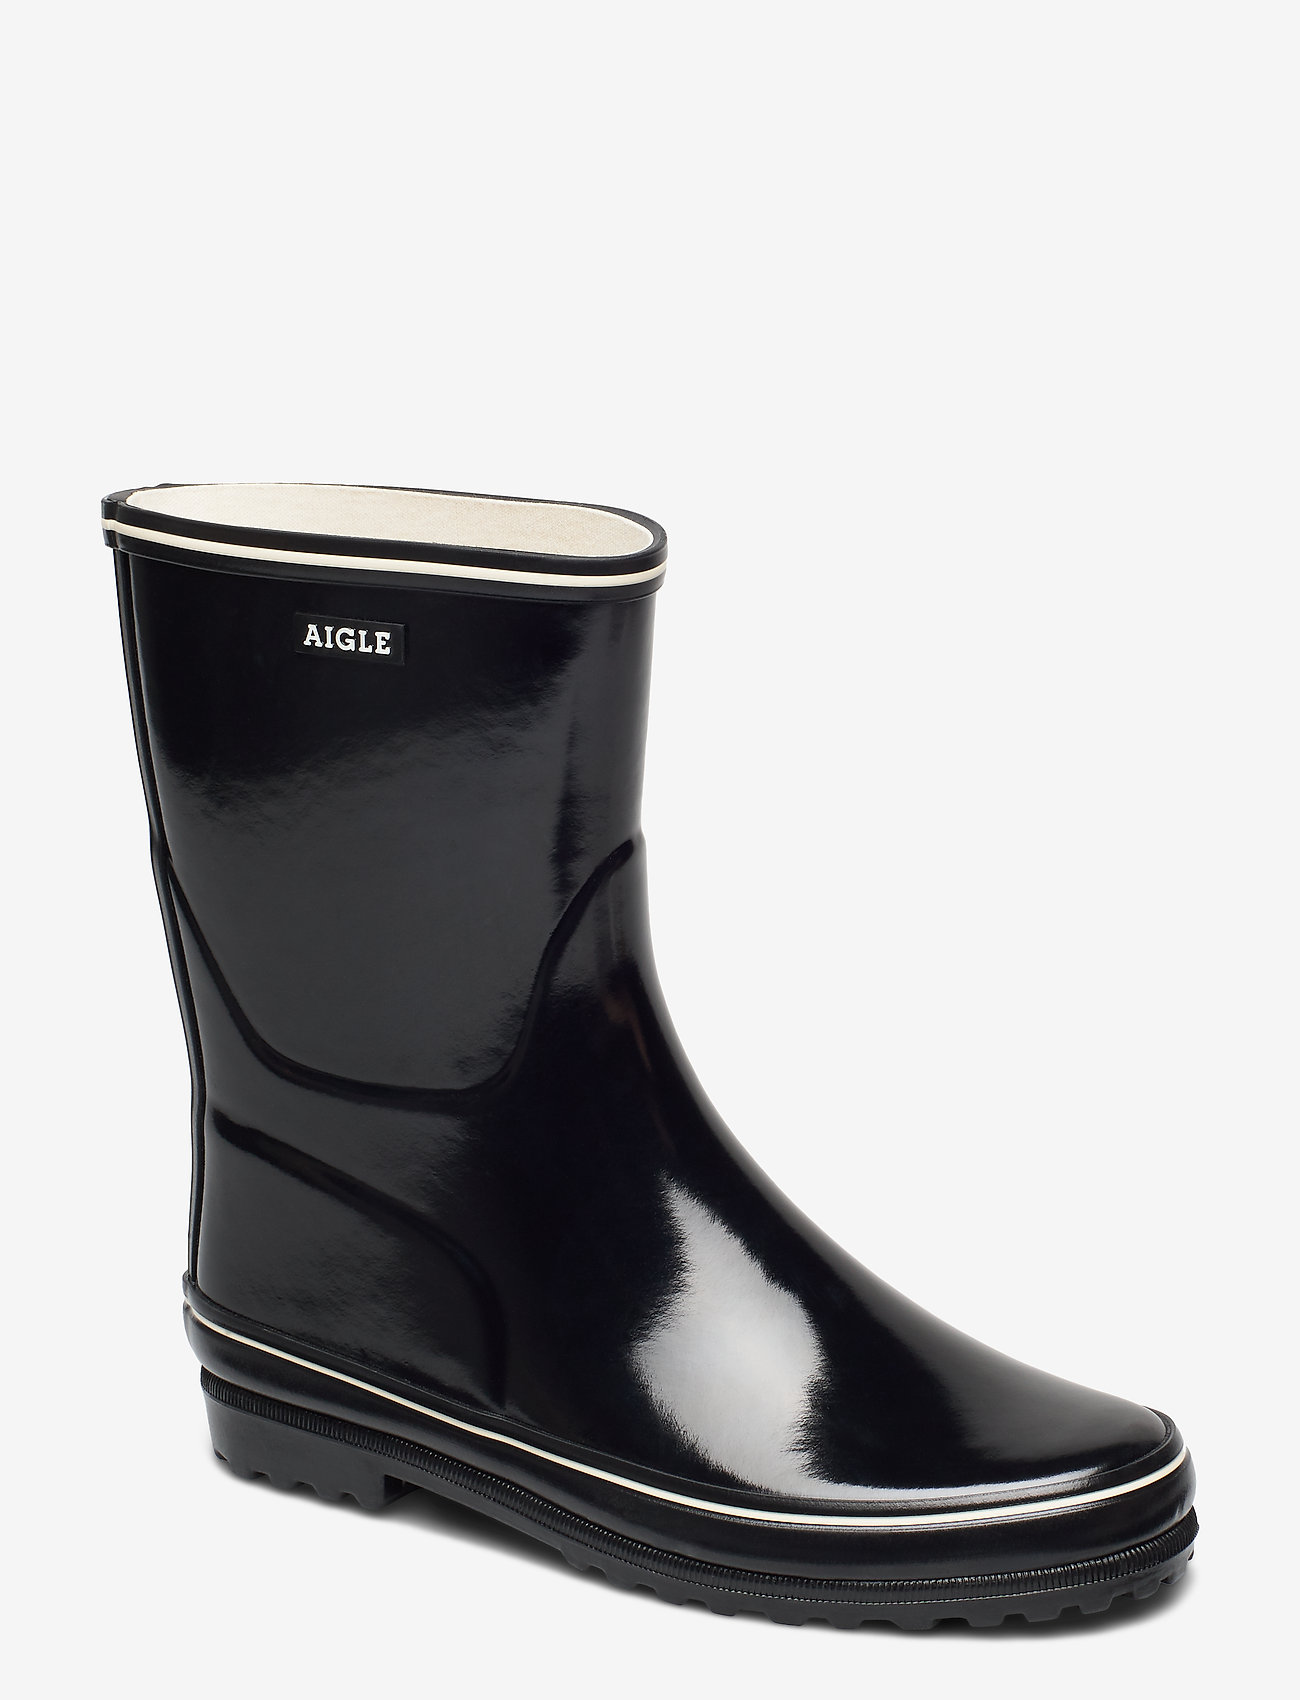 Aigle - AI VENISE BOTTIL NOIR - schoenen - 24529 - 0